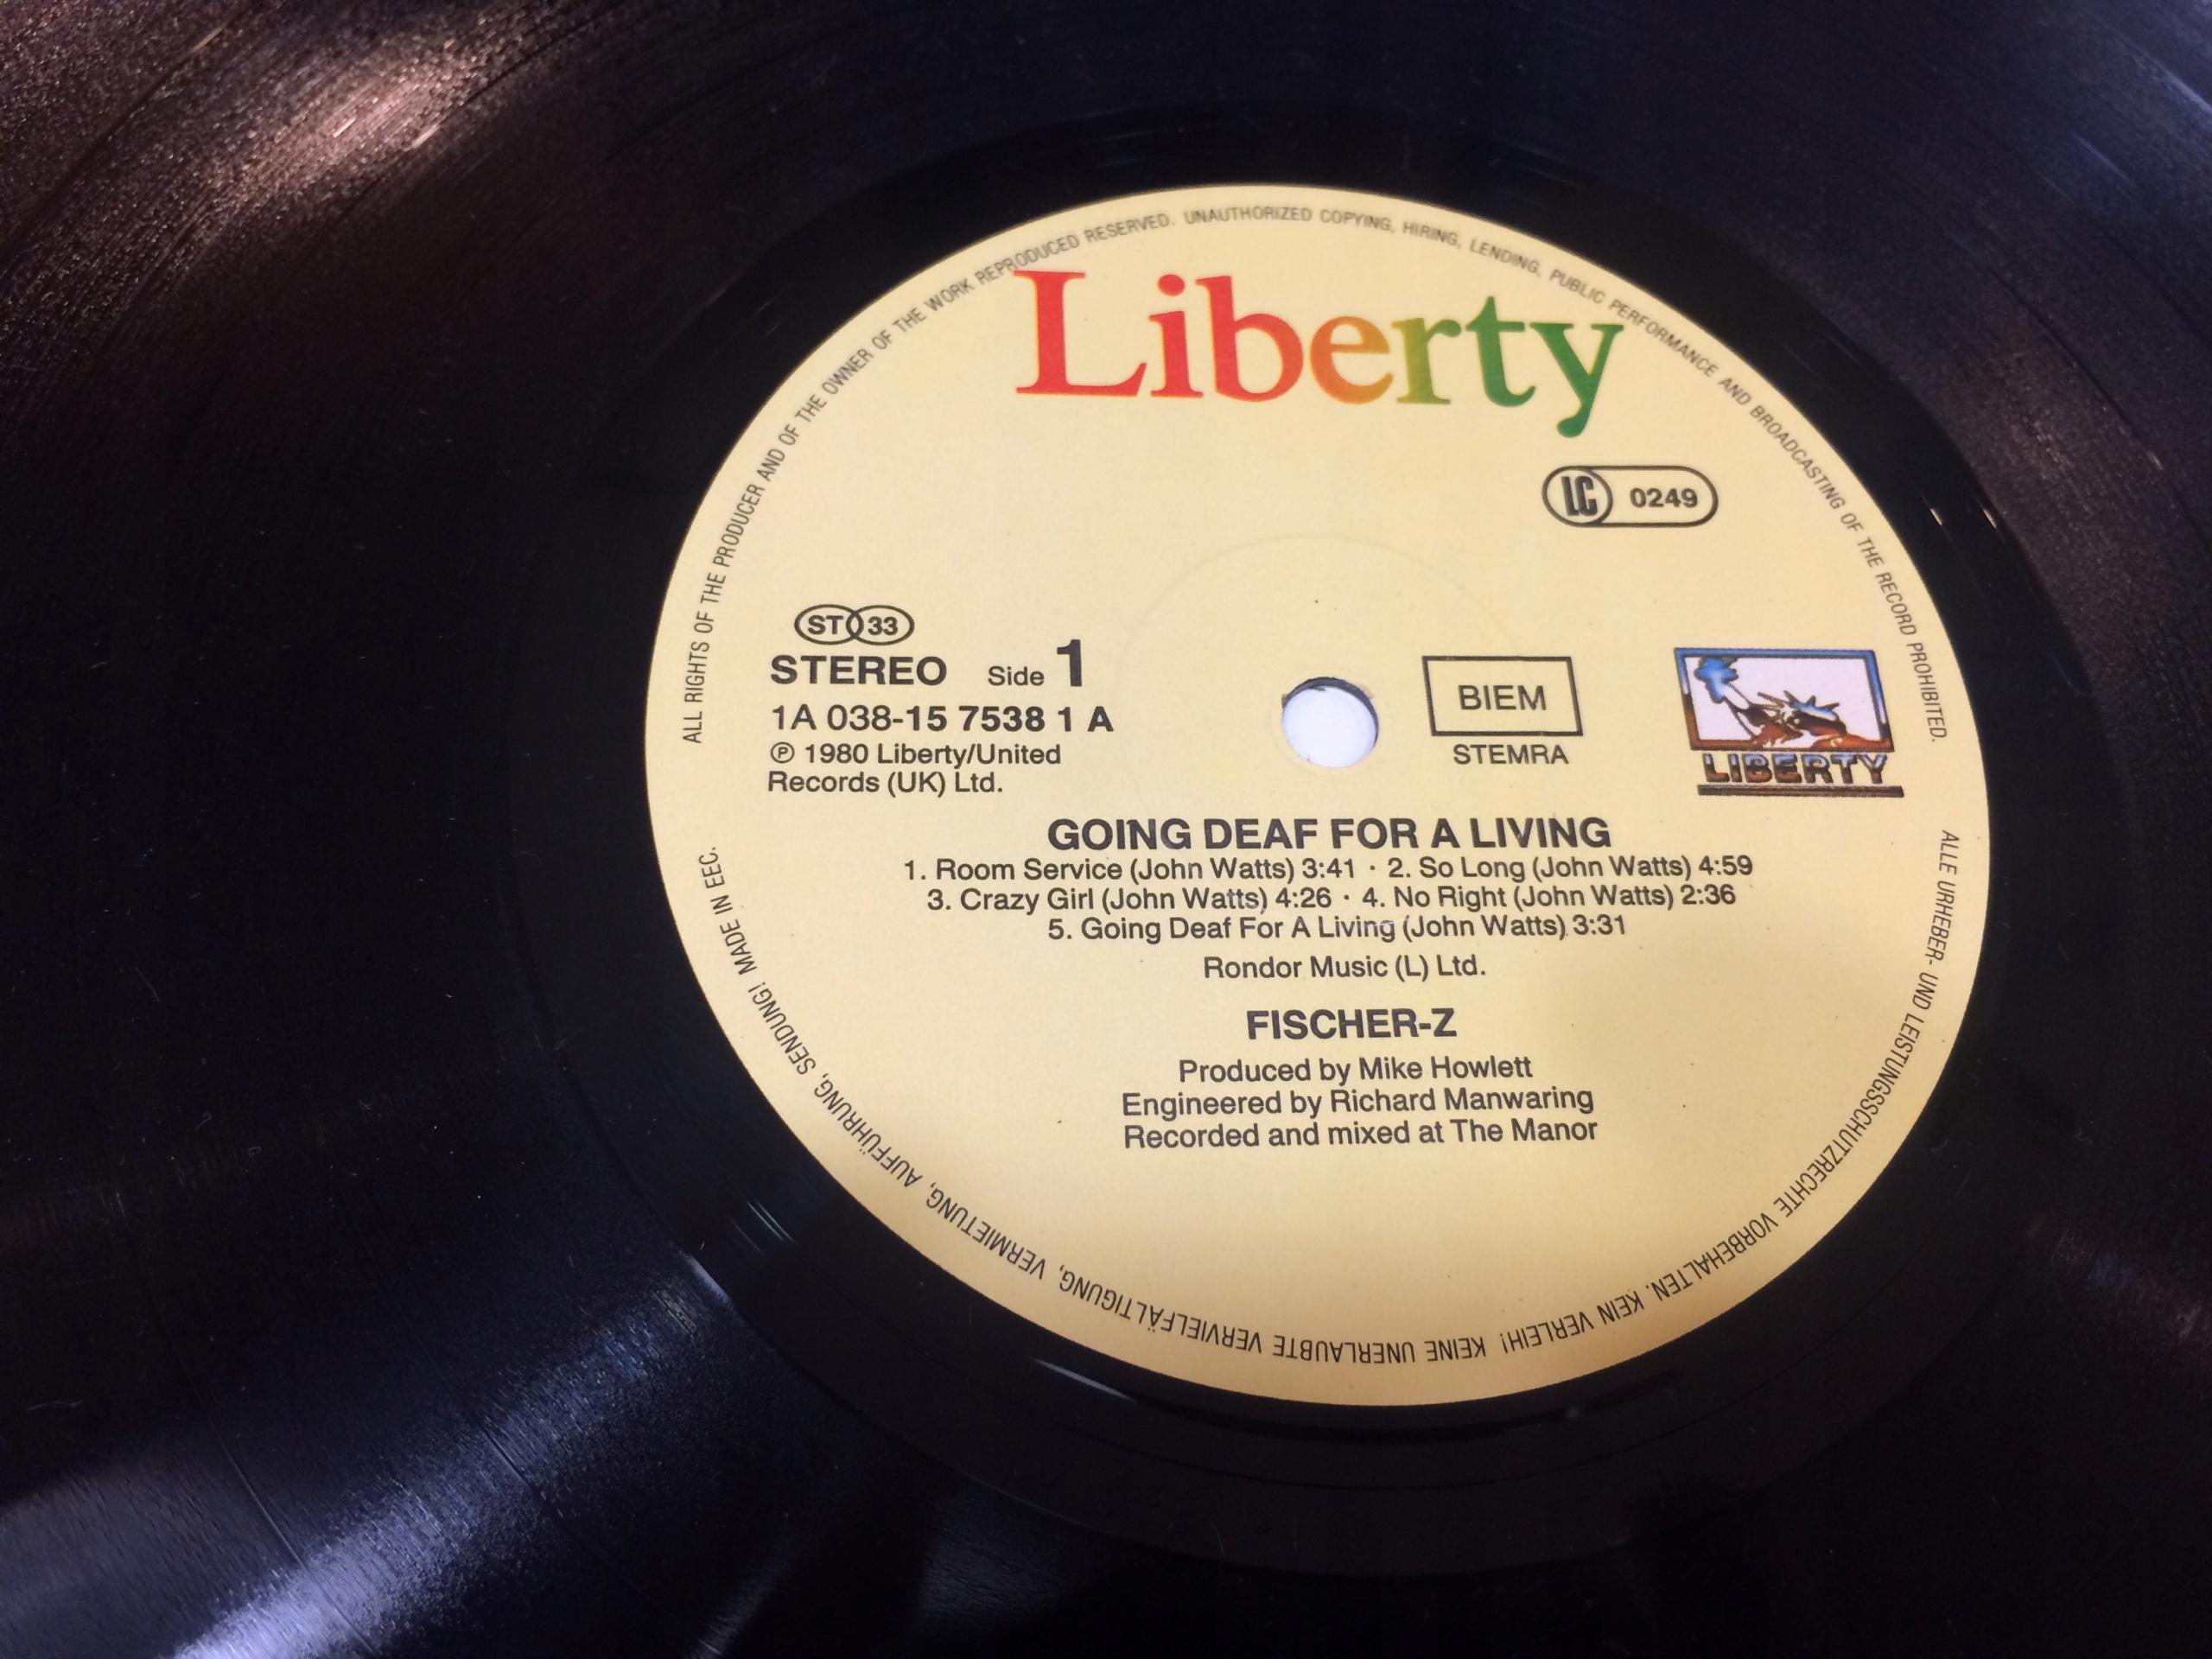 Fischer-Z Going Deaf For A Living ///HOL. LP 1554